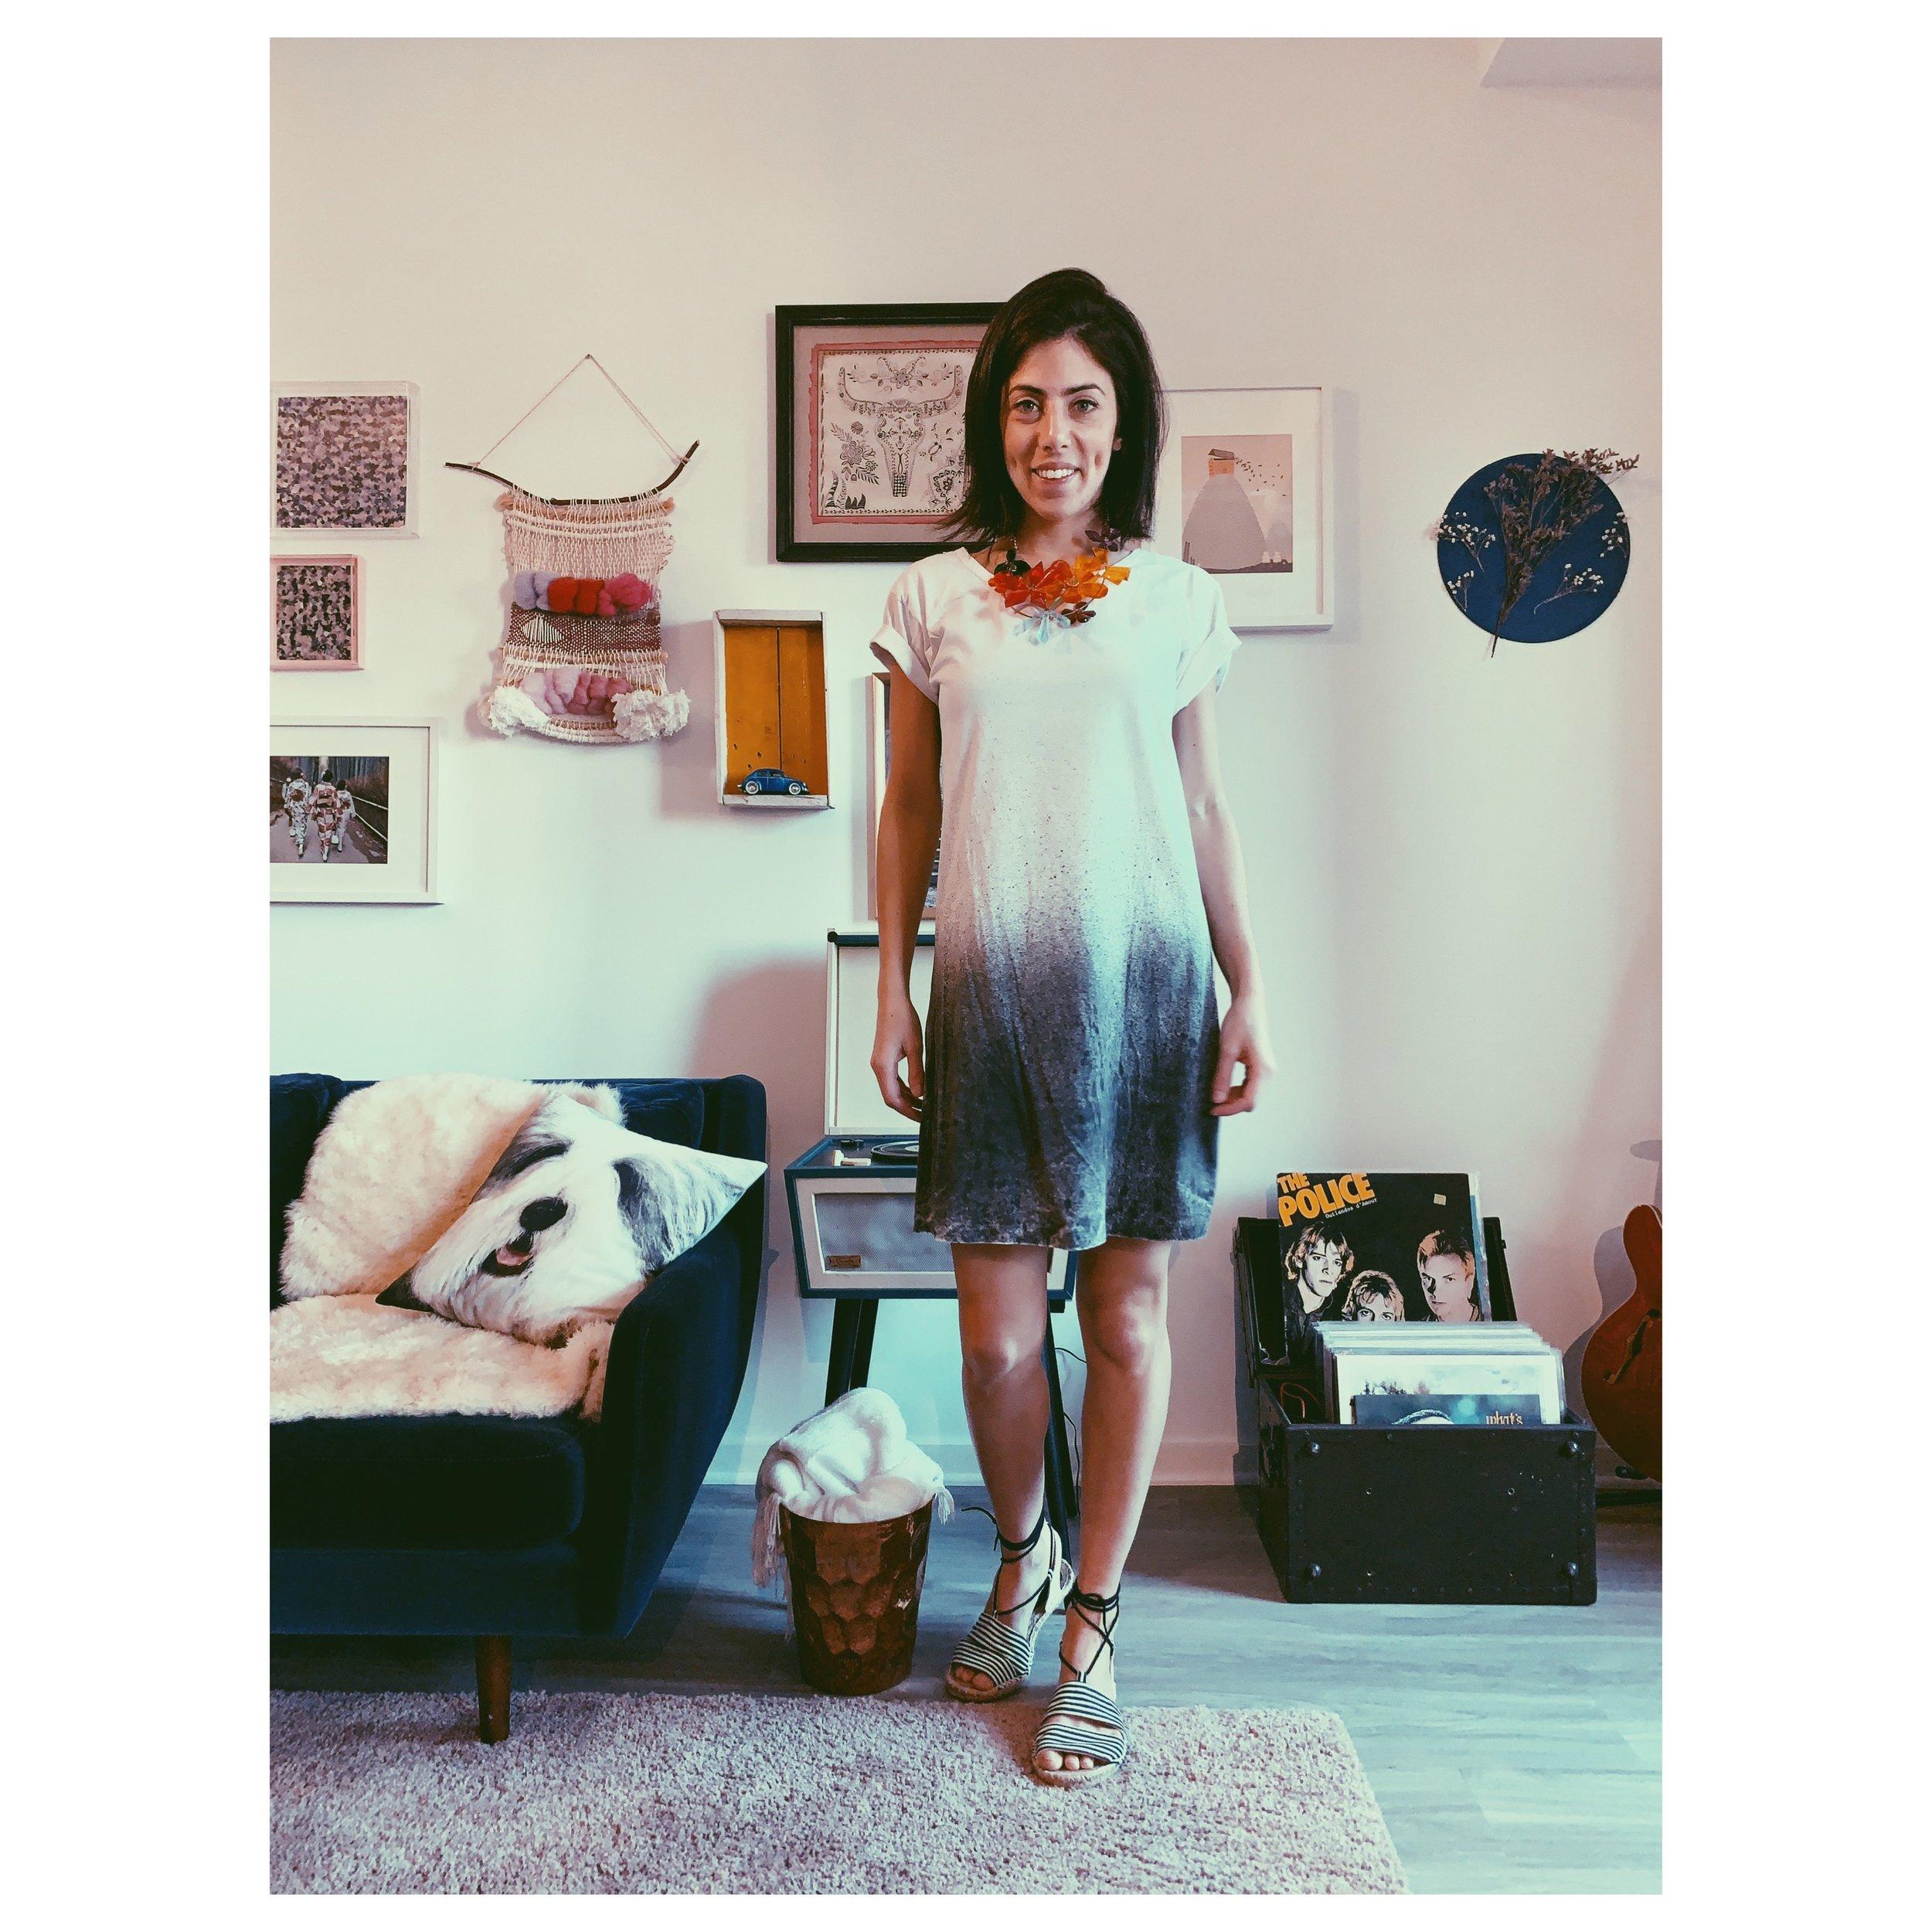 Vestido Uma - Instagram 2.JPG